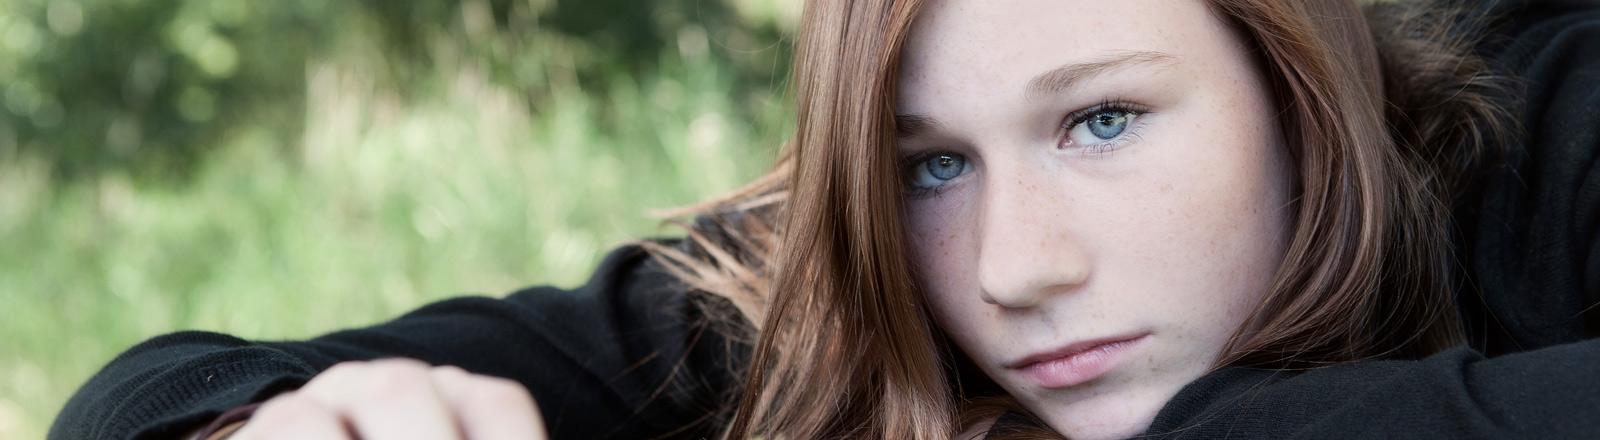 Eine junge Frau schaut gelangweilt